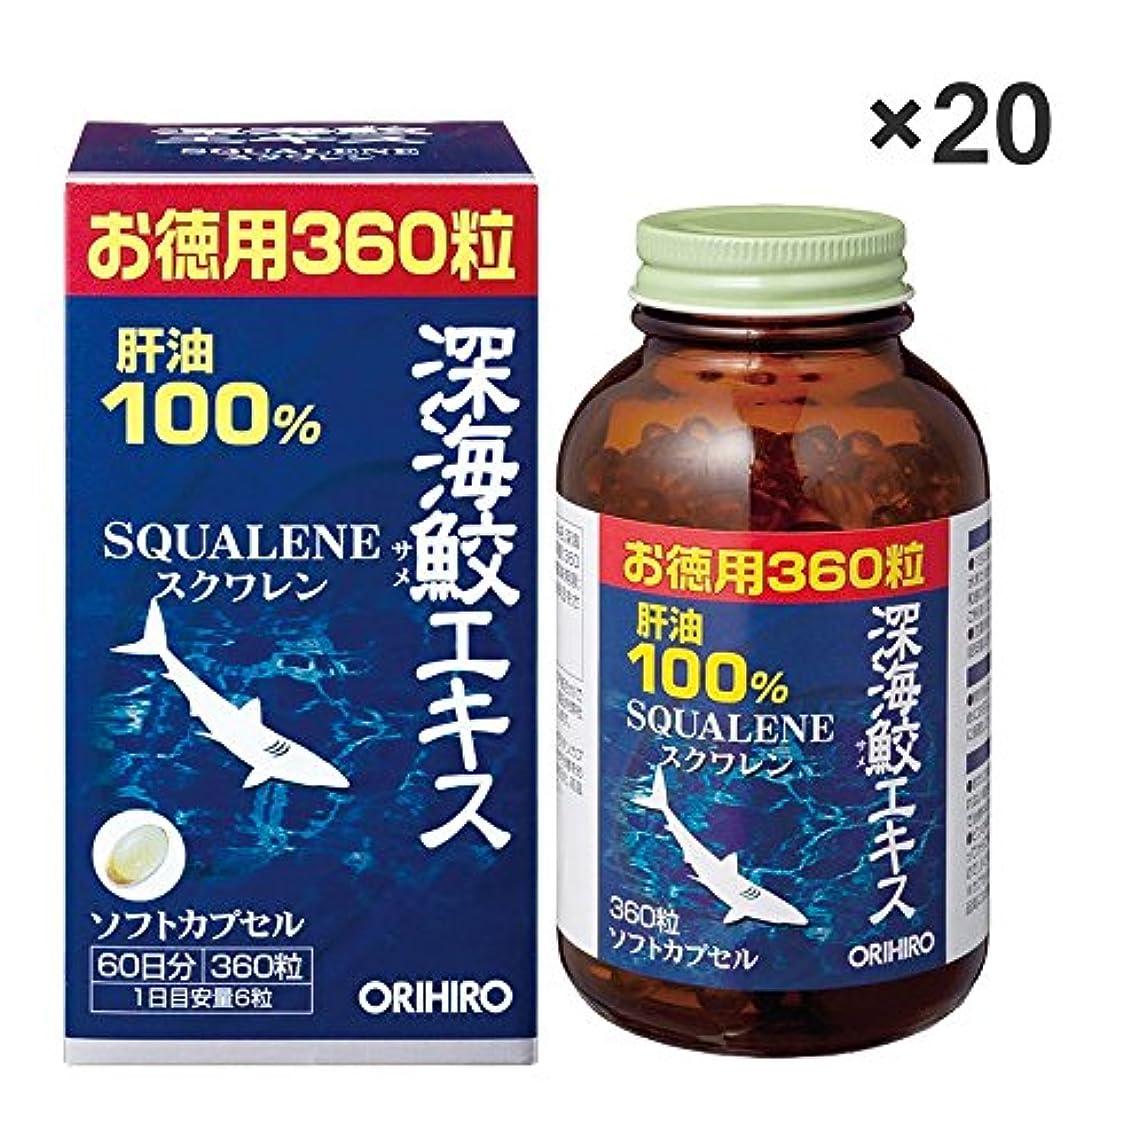 悪性腫瘍開示する賭け【20点セット】オリヒロ 深海鮫エキスカプセル徳用 360粒